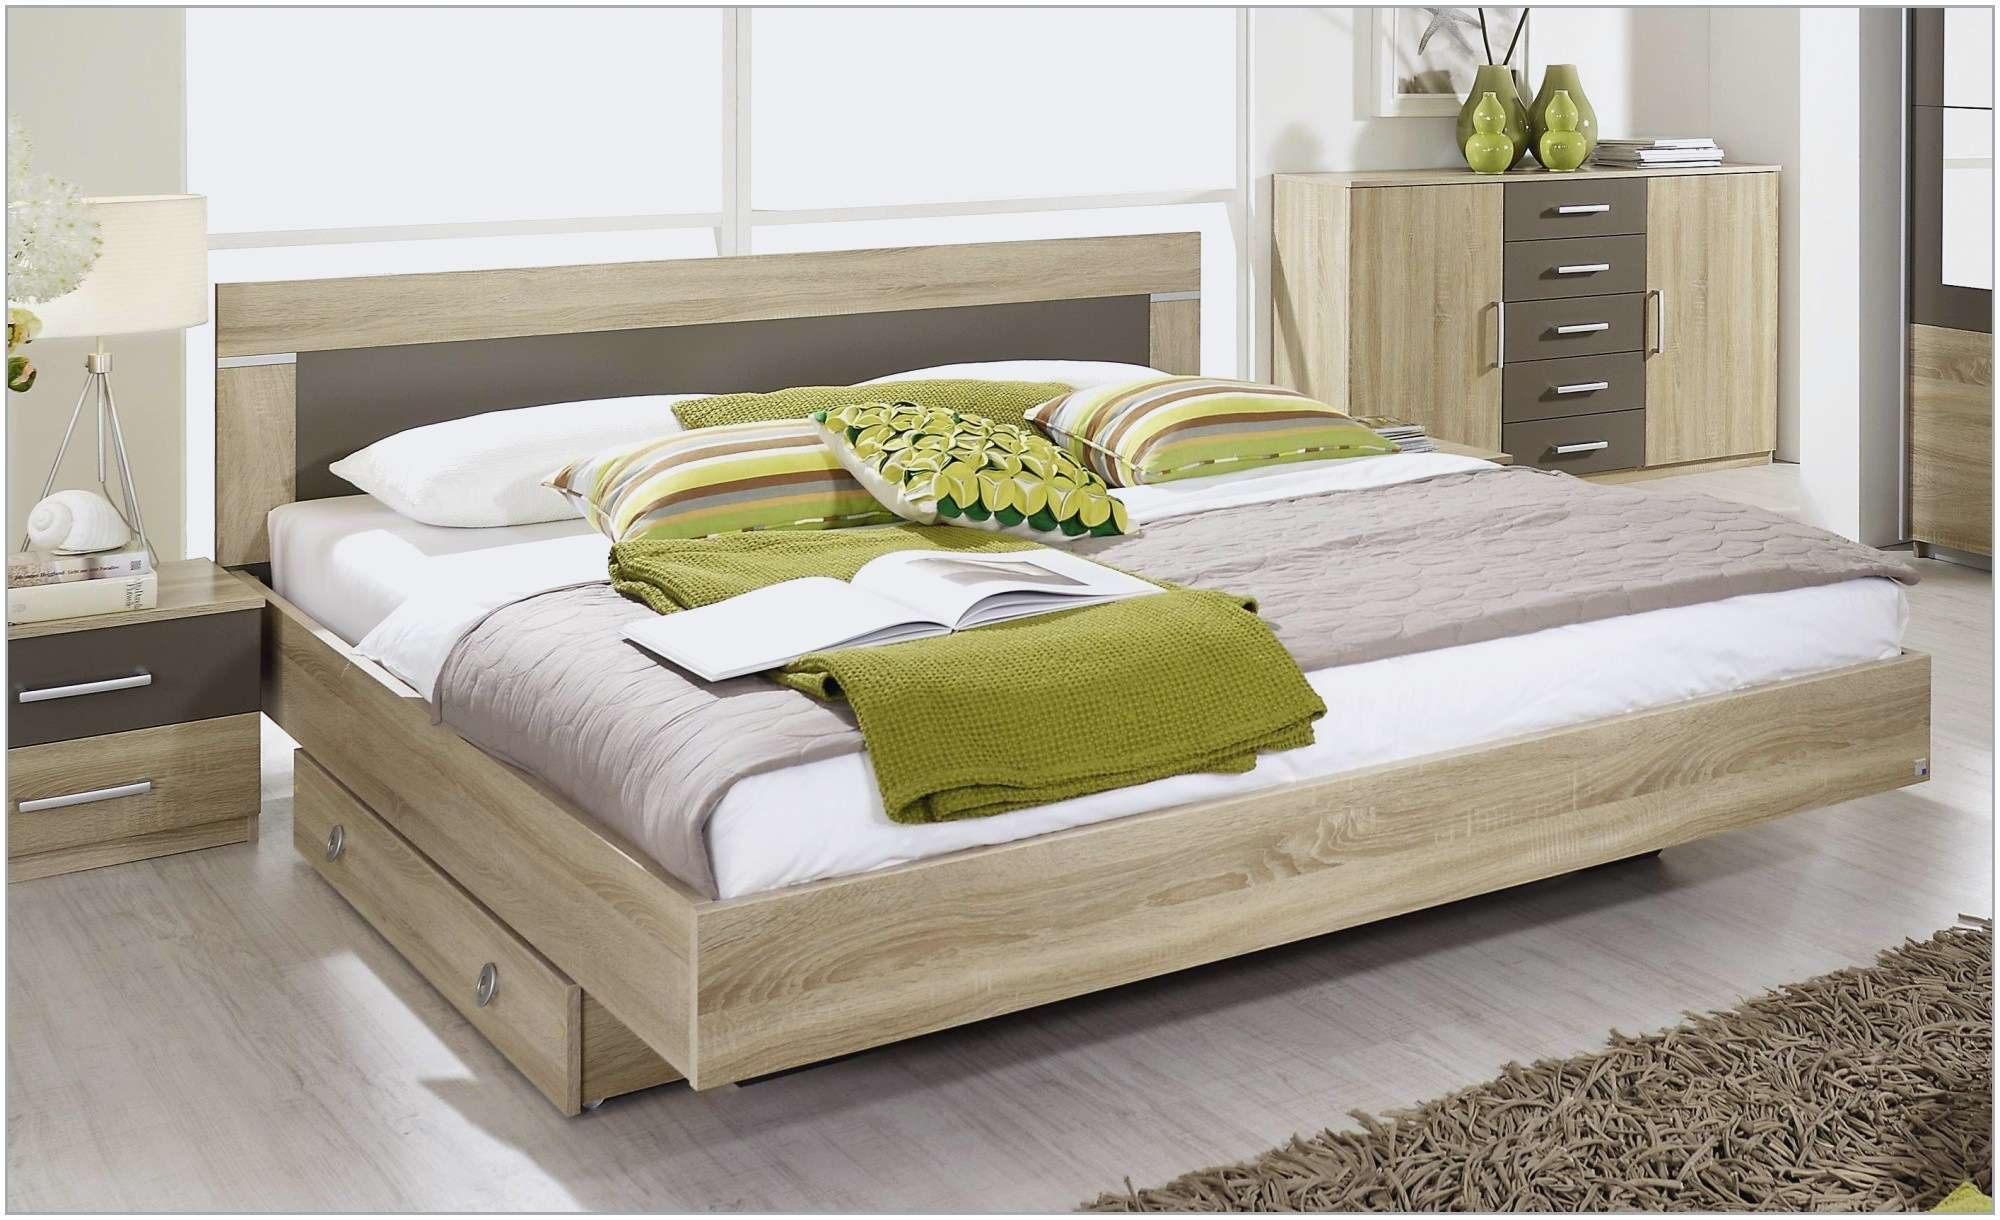 Lit A Rangement Impressionnant Ikea Tete De Lit Avec Rangement